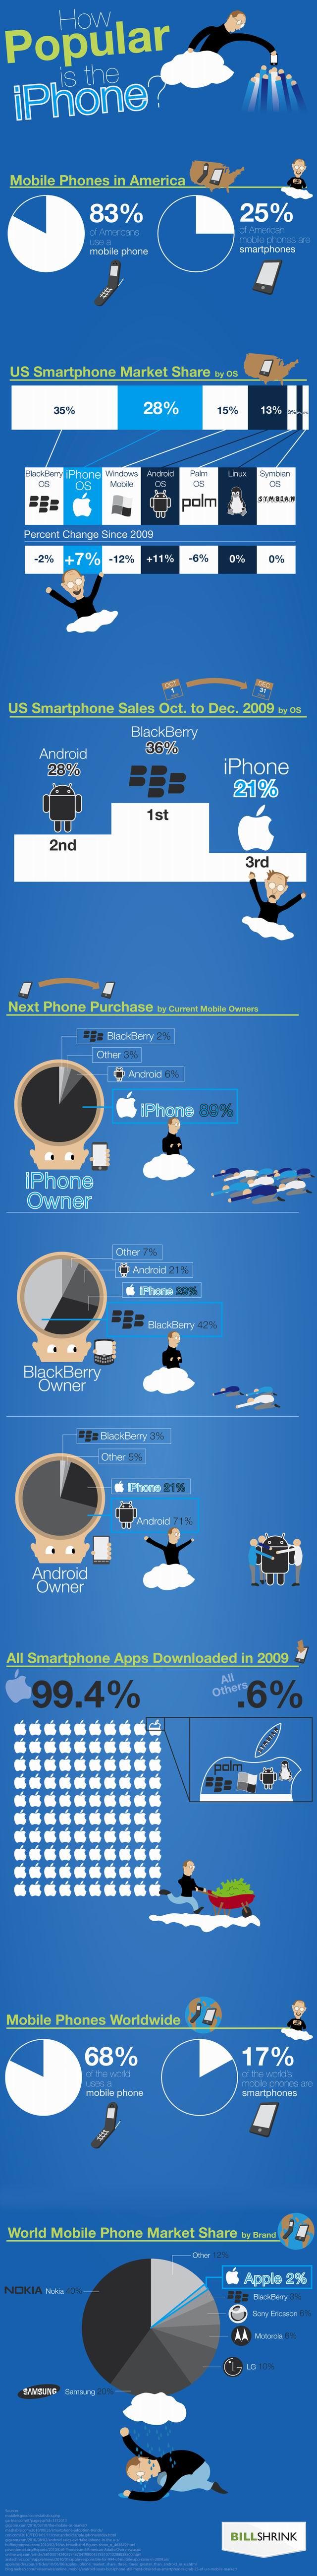 iPhone_infographic